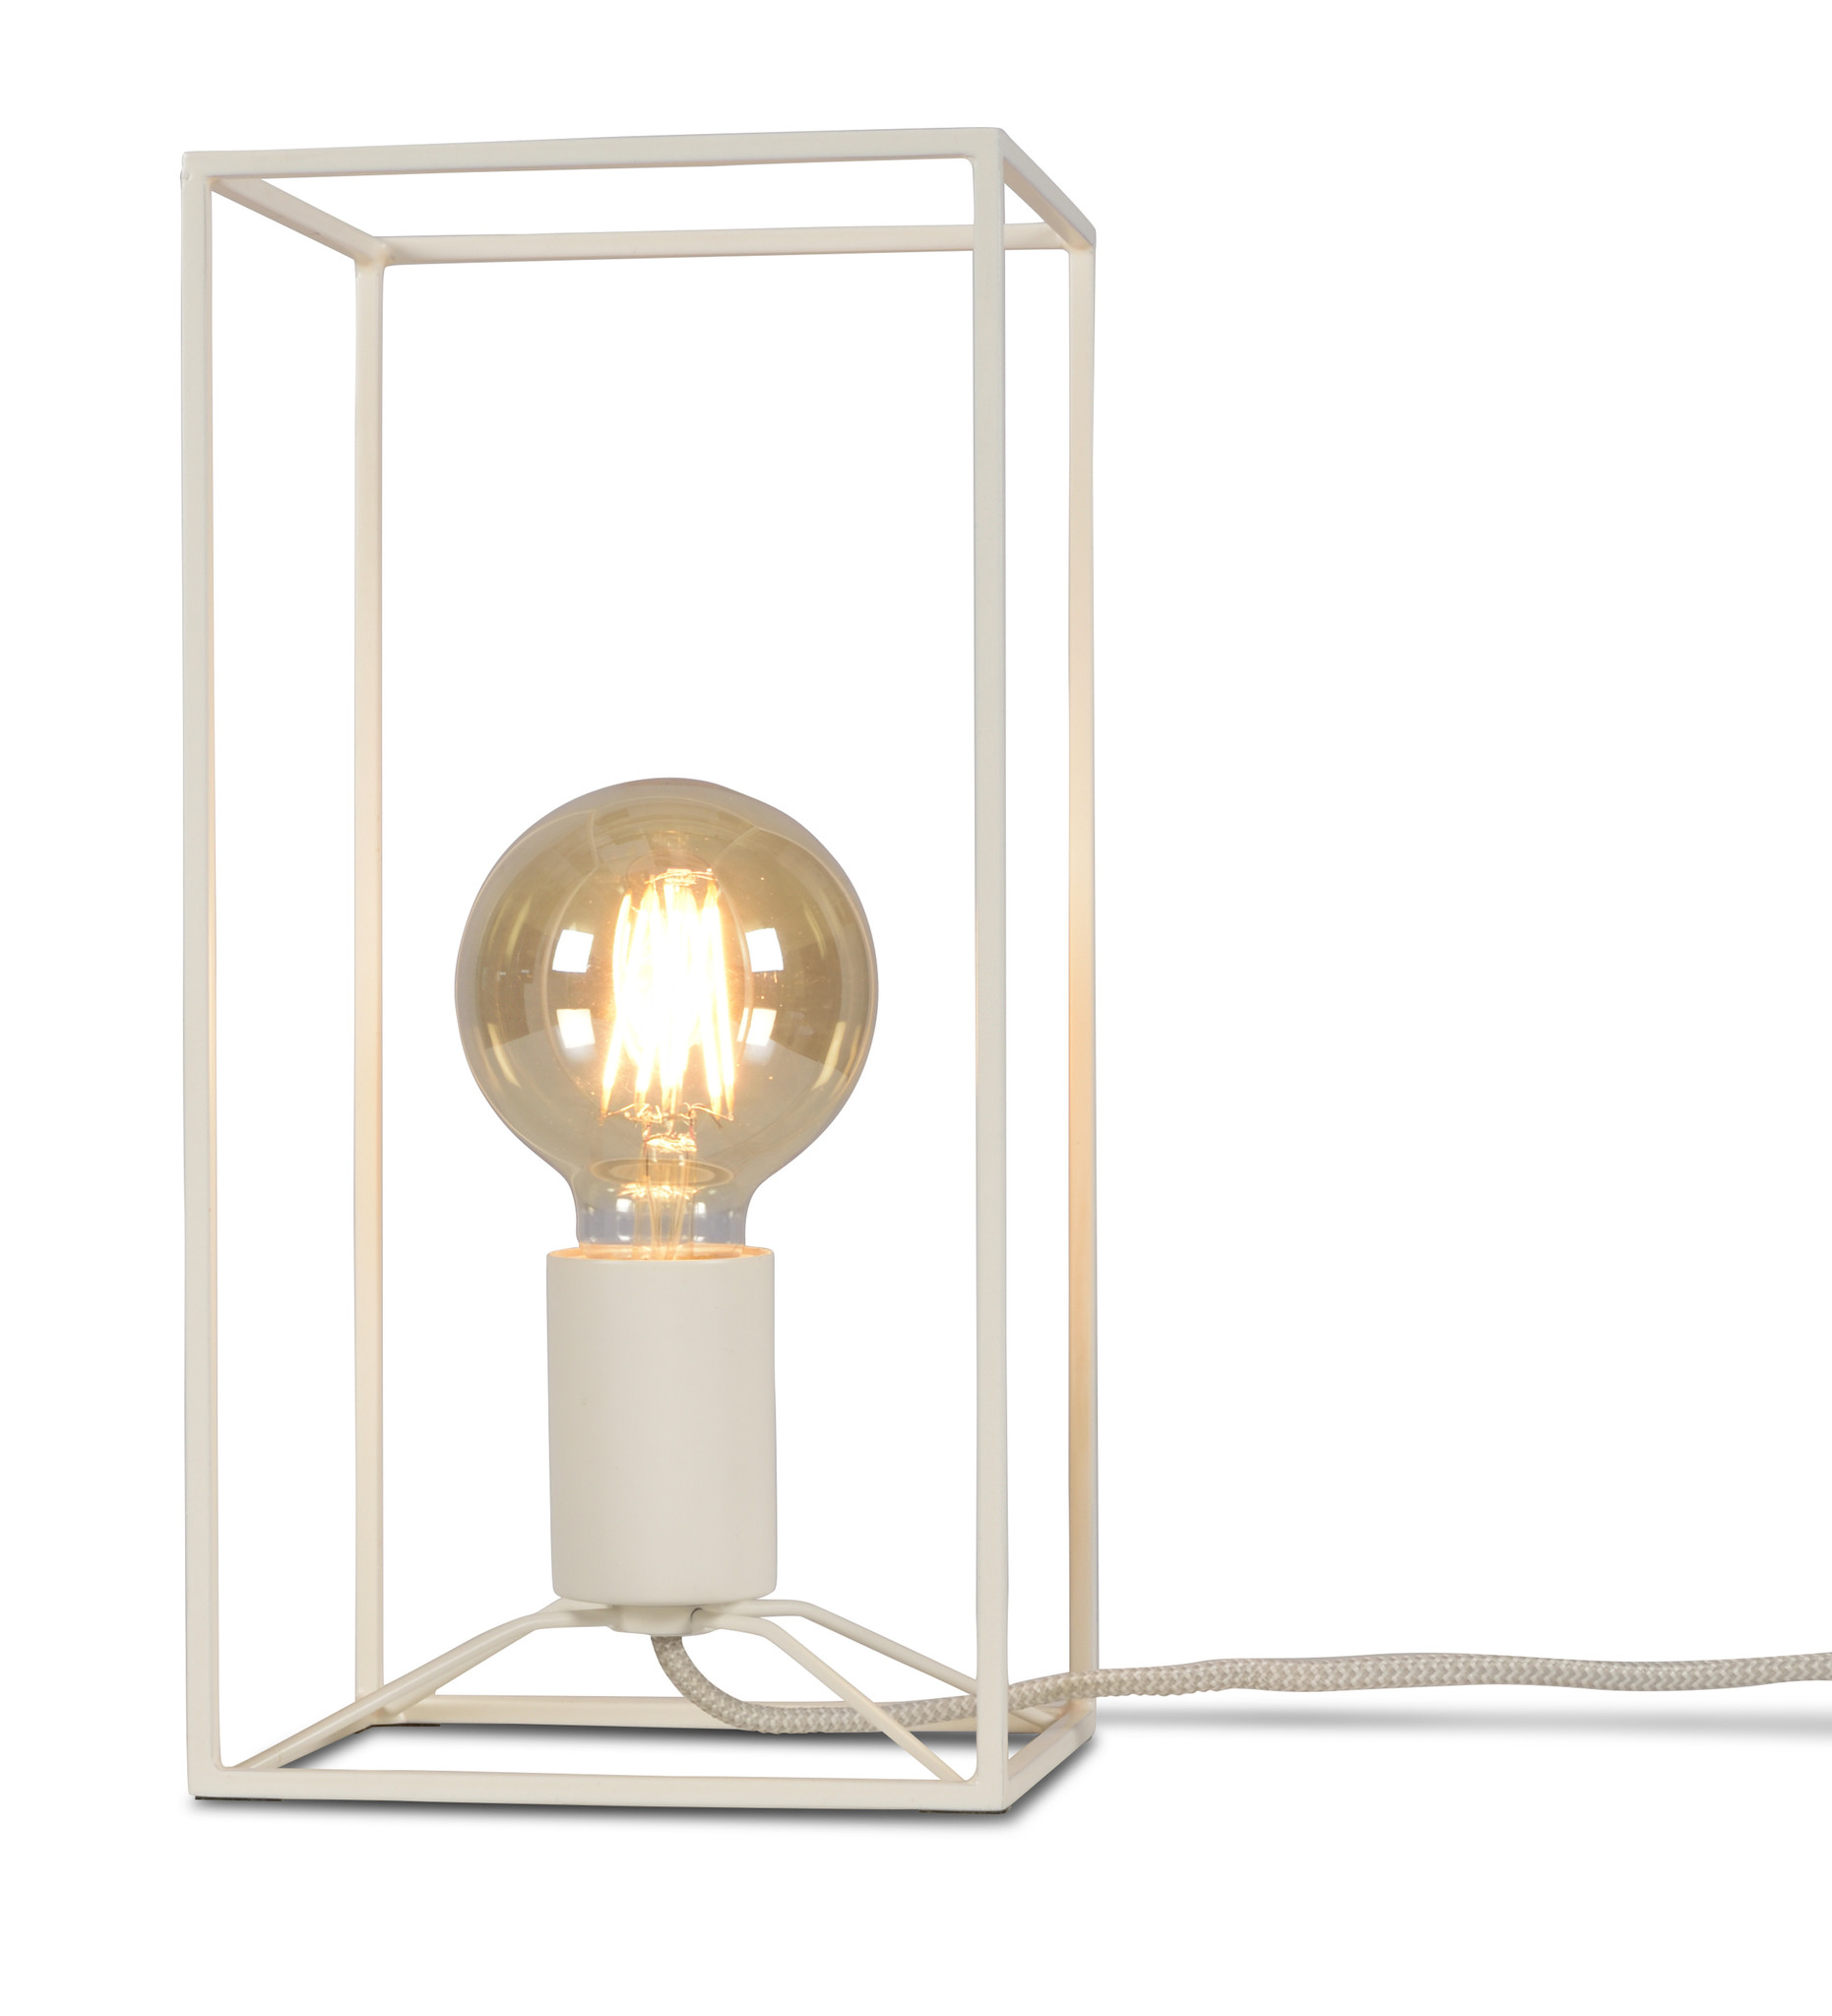 Tafellamp Antwerp rechthoek wit-1